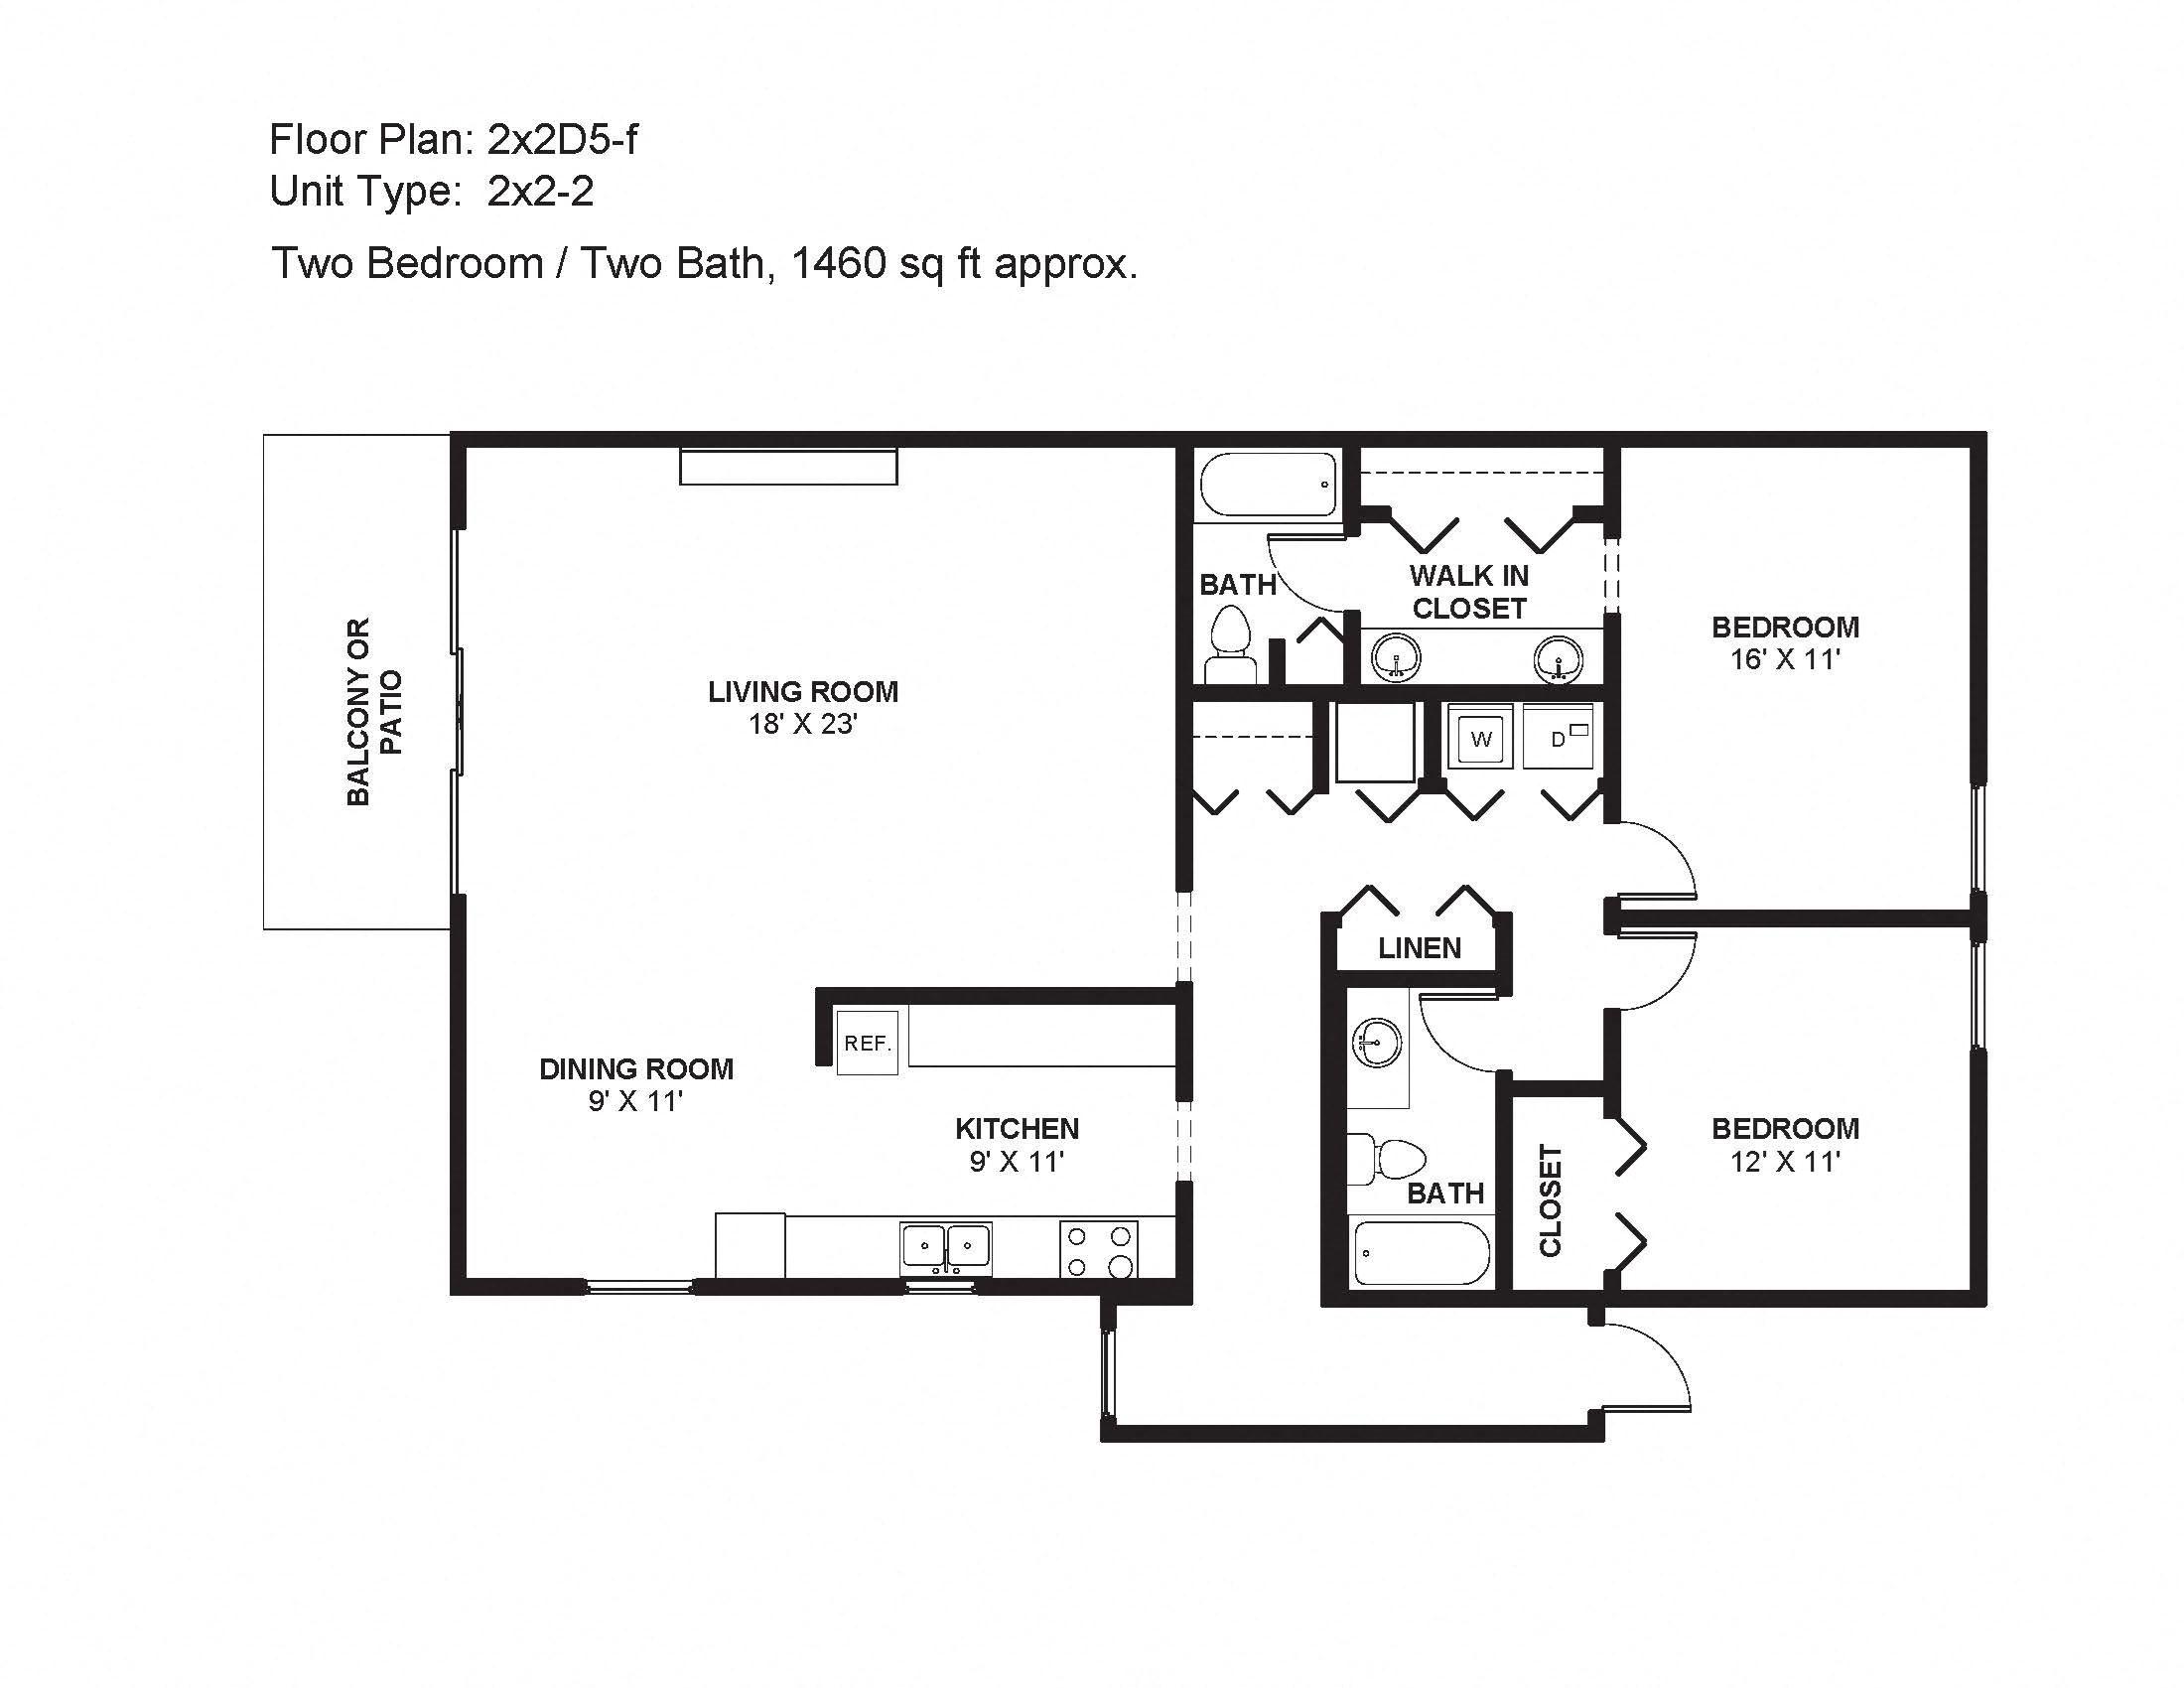 2x2D5-f Floor Plan 18